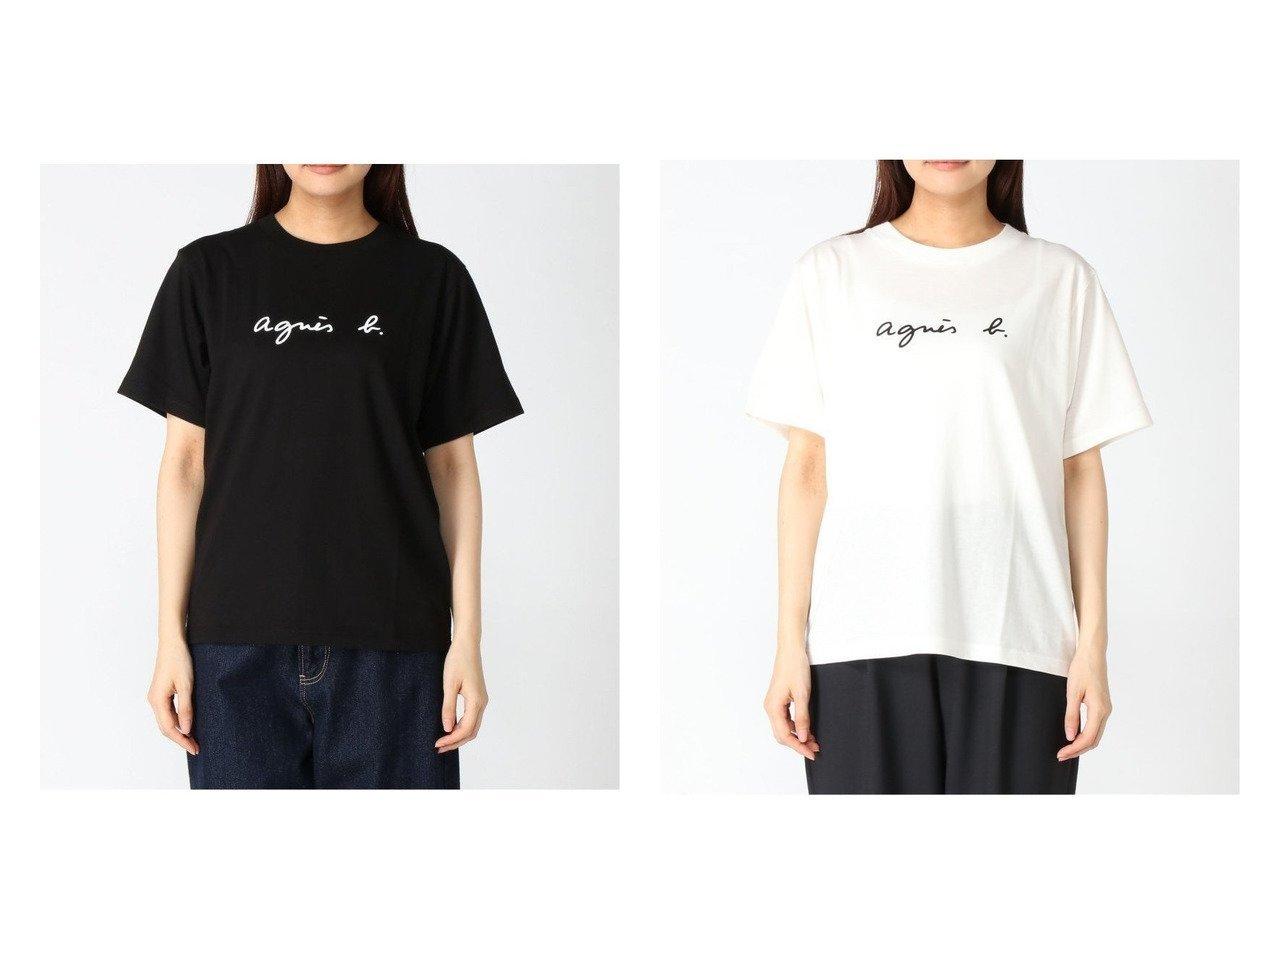 【agnes b. FEMME/アニエスベー ファム】のagnes b.S137 ロゴTシャツ おすすめ!人気、トレンド・レディースファッションの通販 おすすめで人気の流行・トレンド、ファッションの通販商品 インテリア・家具・メンズファッション・キッズファッション・レディースファッション・服の通販 founy(ファニー) https://founy.com/ ファッション Fashion レディースファッション WOMEN トップス・カットソー Tops/Tshirt シャツ/ブラウス Shirts/Blouses ロング / Tシャツ T-Shirts カットソー Cut and Sewn NEW・新作・新着・新入荷 New Arrivals おすすめ Recommend カットソー シンプル ビッグ 半袖 |ID:crp329100000059894